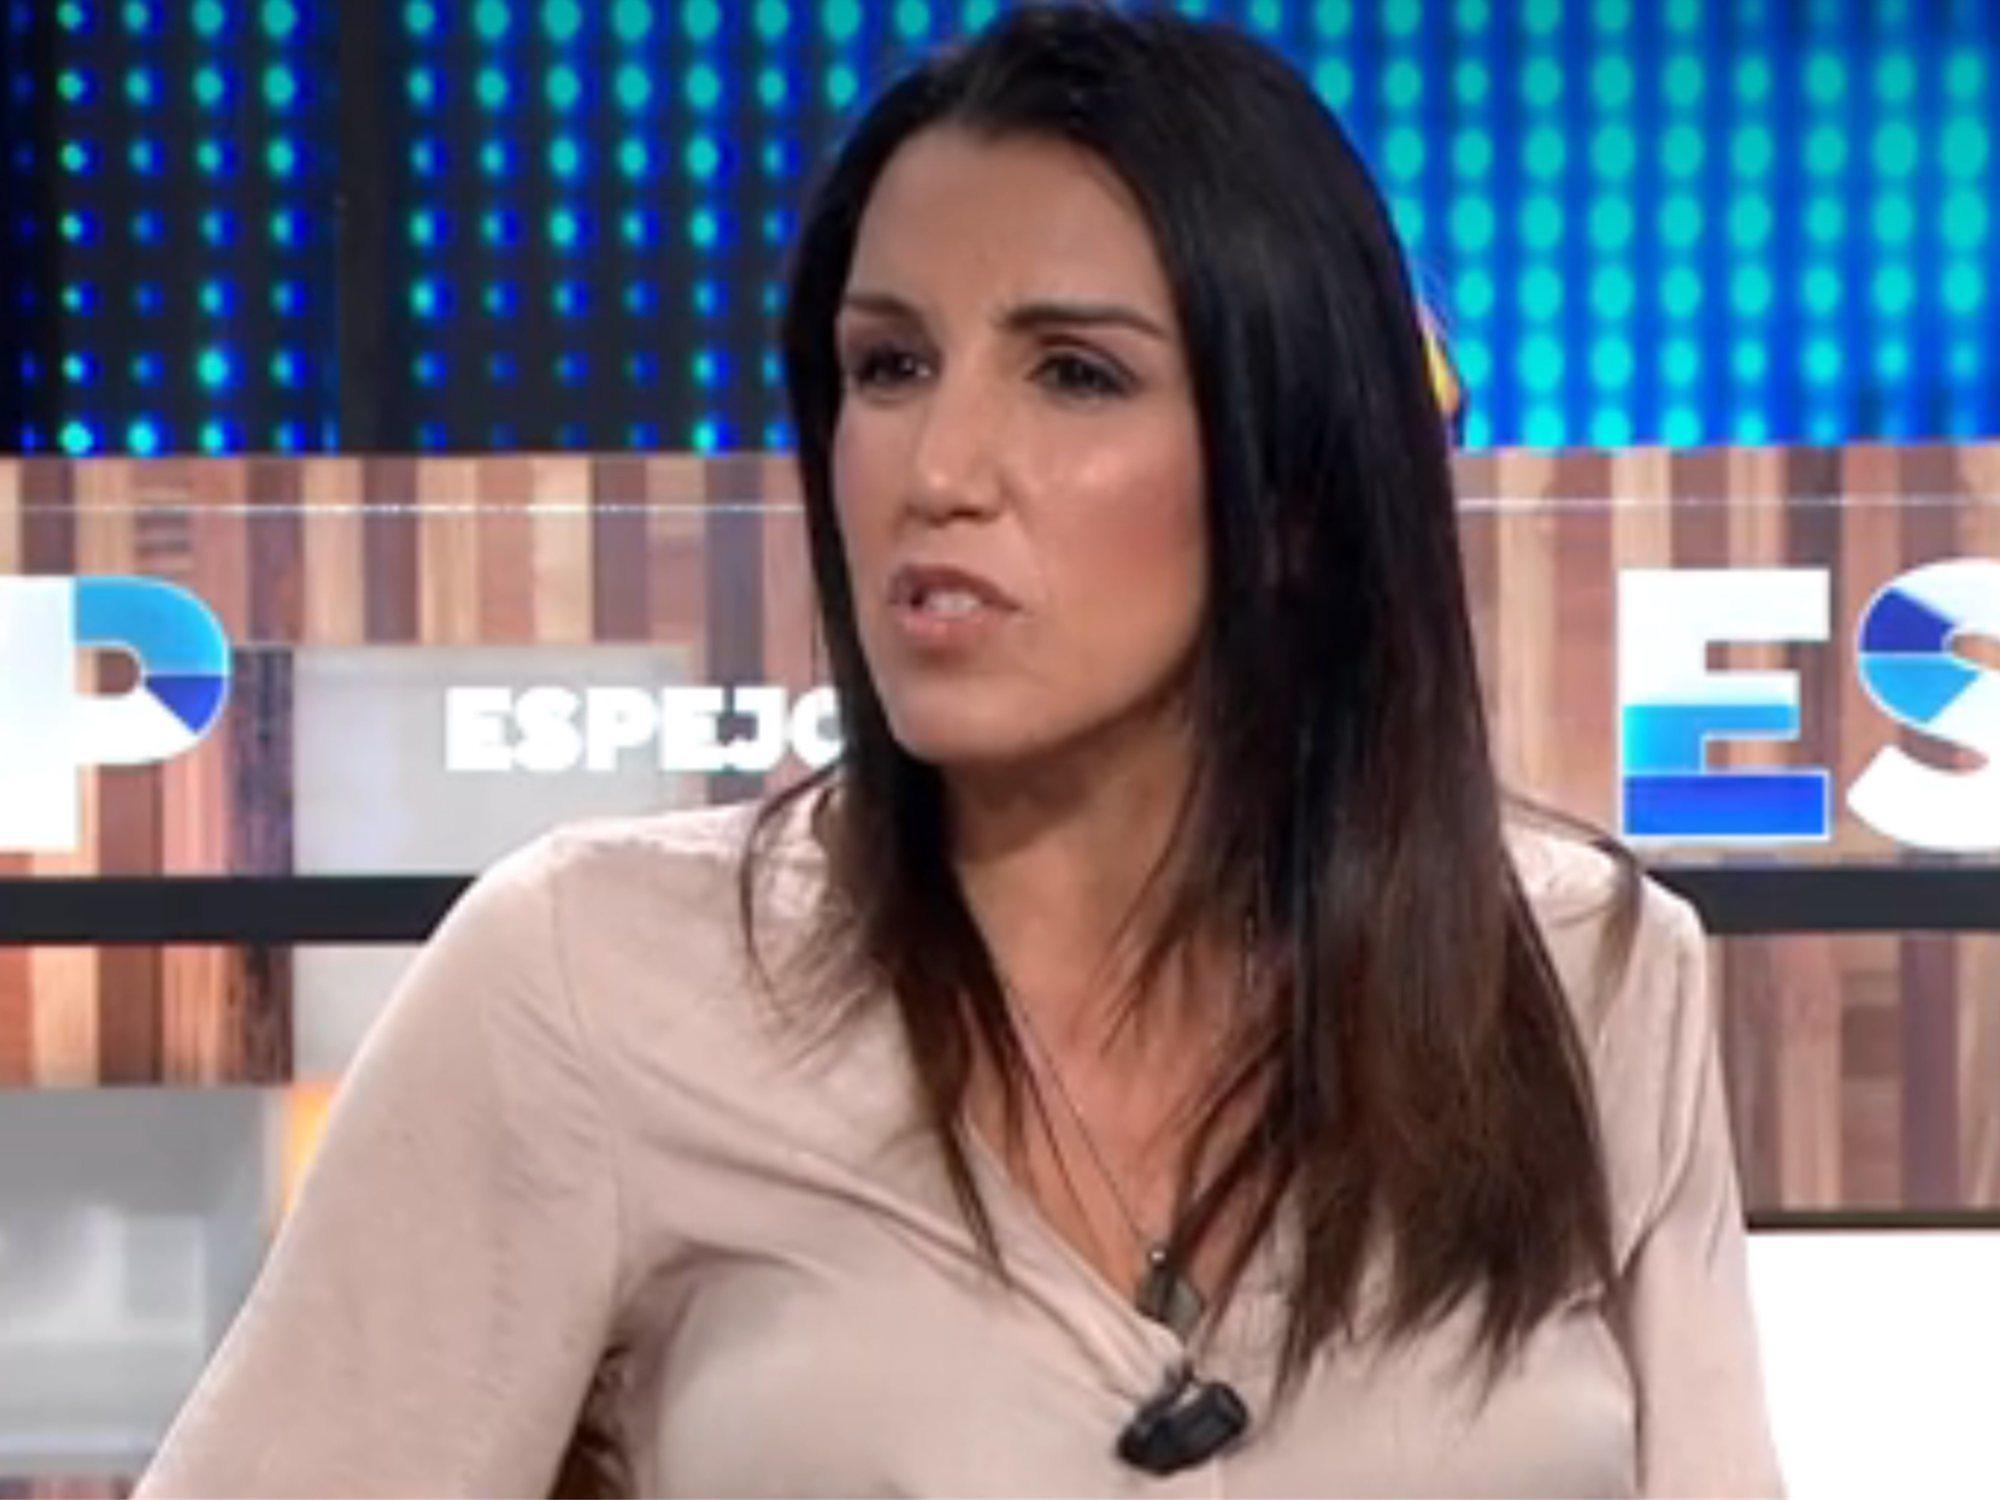 Nuria Bermúdez vuelve a la televisión tras 10 años alejada del foco mediático